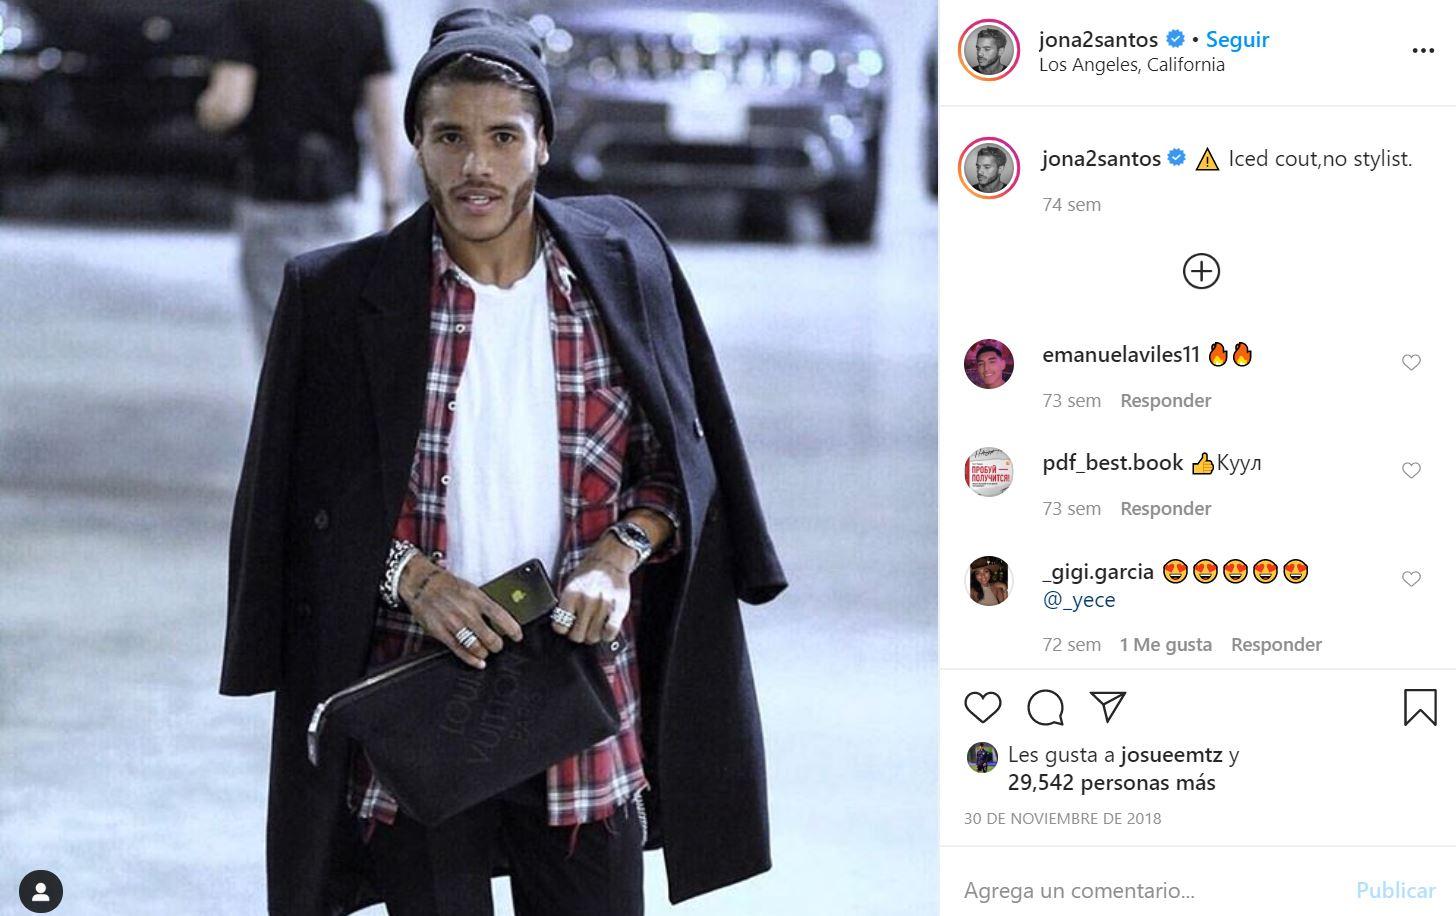 30/11/2018, Jonathan dos Santos quiere dedicarse a la moda tras su retiro y ser como Beckham